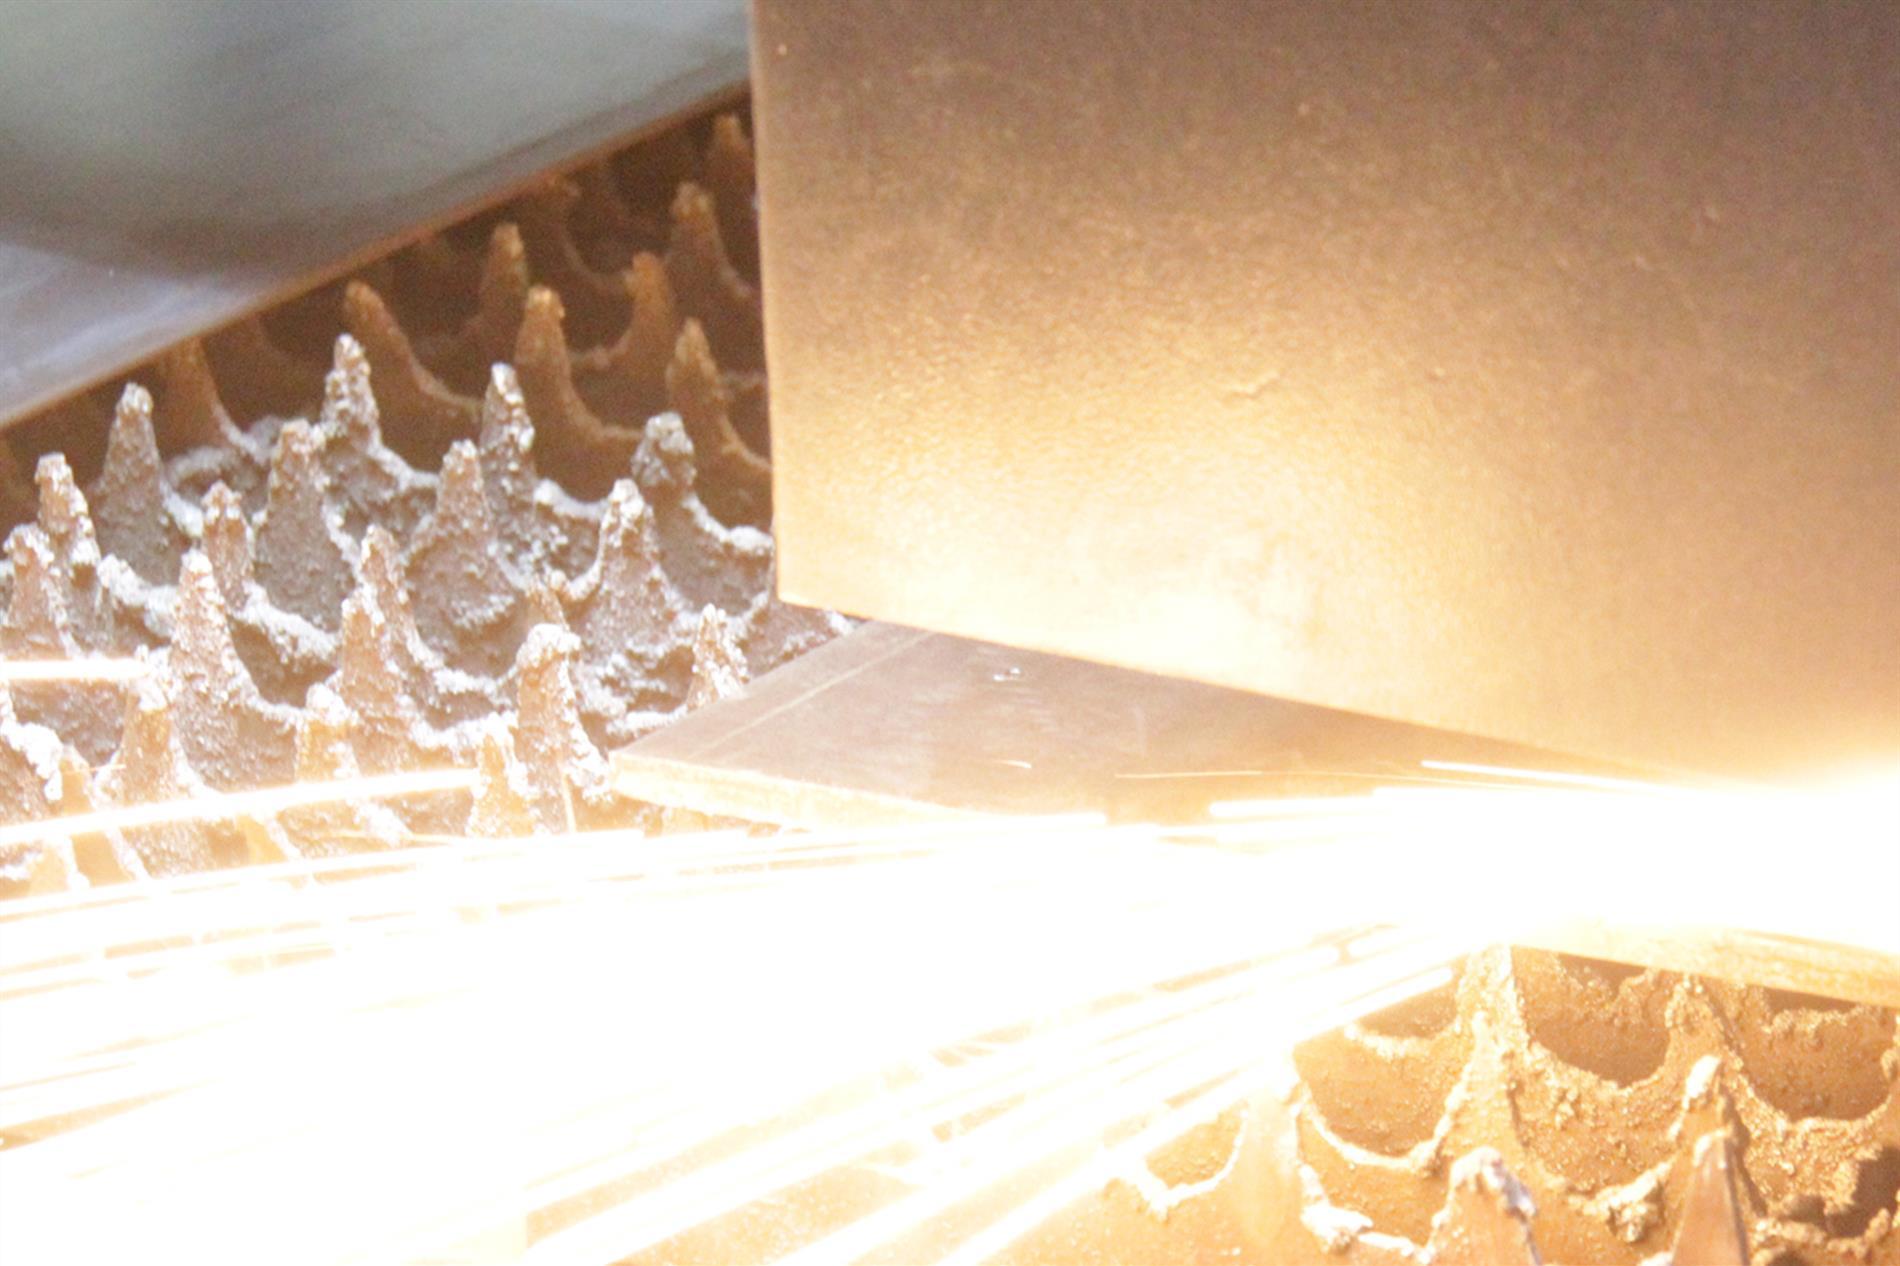 نکاتی که در برش لیزر باید مورد توجه قرار بگیرد به اختصار به شرح زیر می باشد - گروه صنعتی ایران فلز